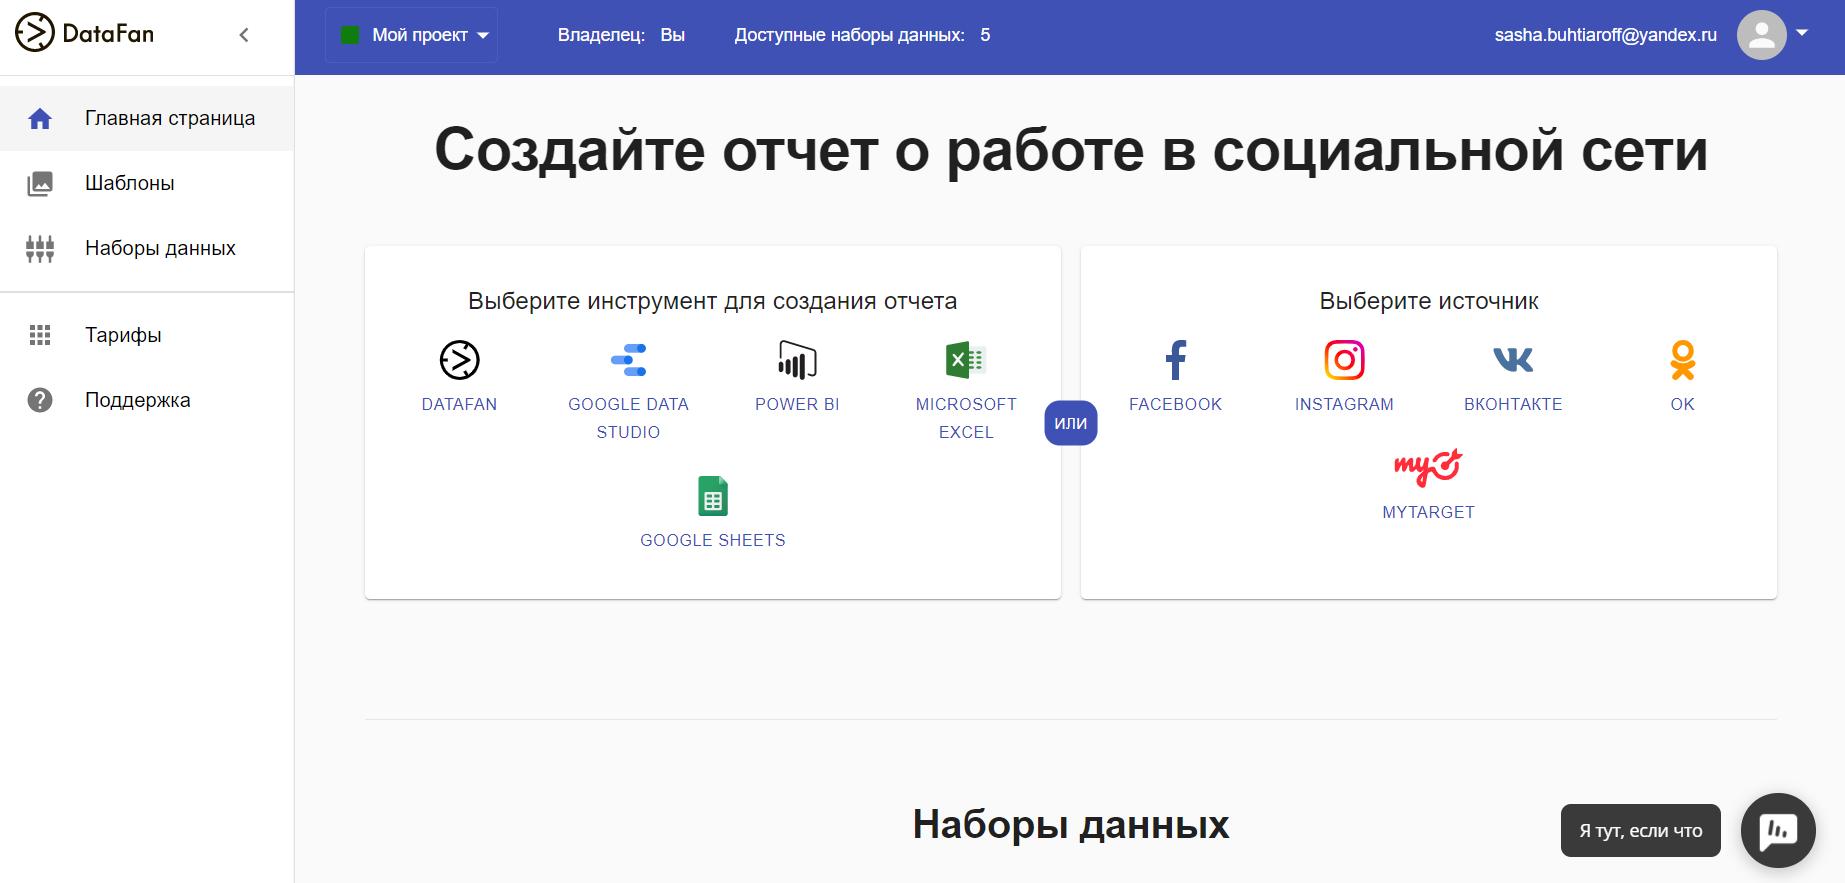 Инструменты и соцсети для создания отчета